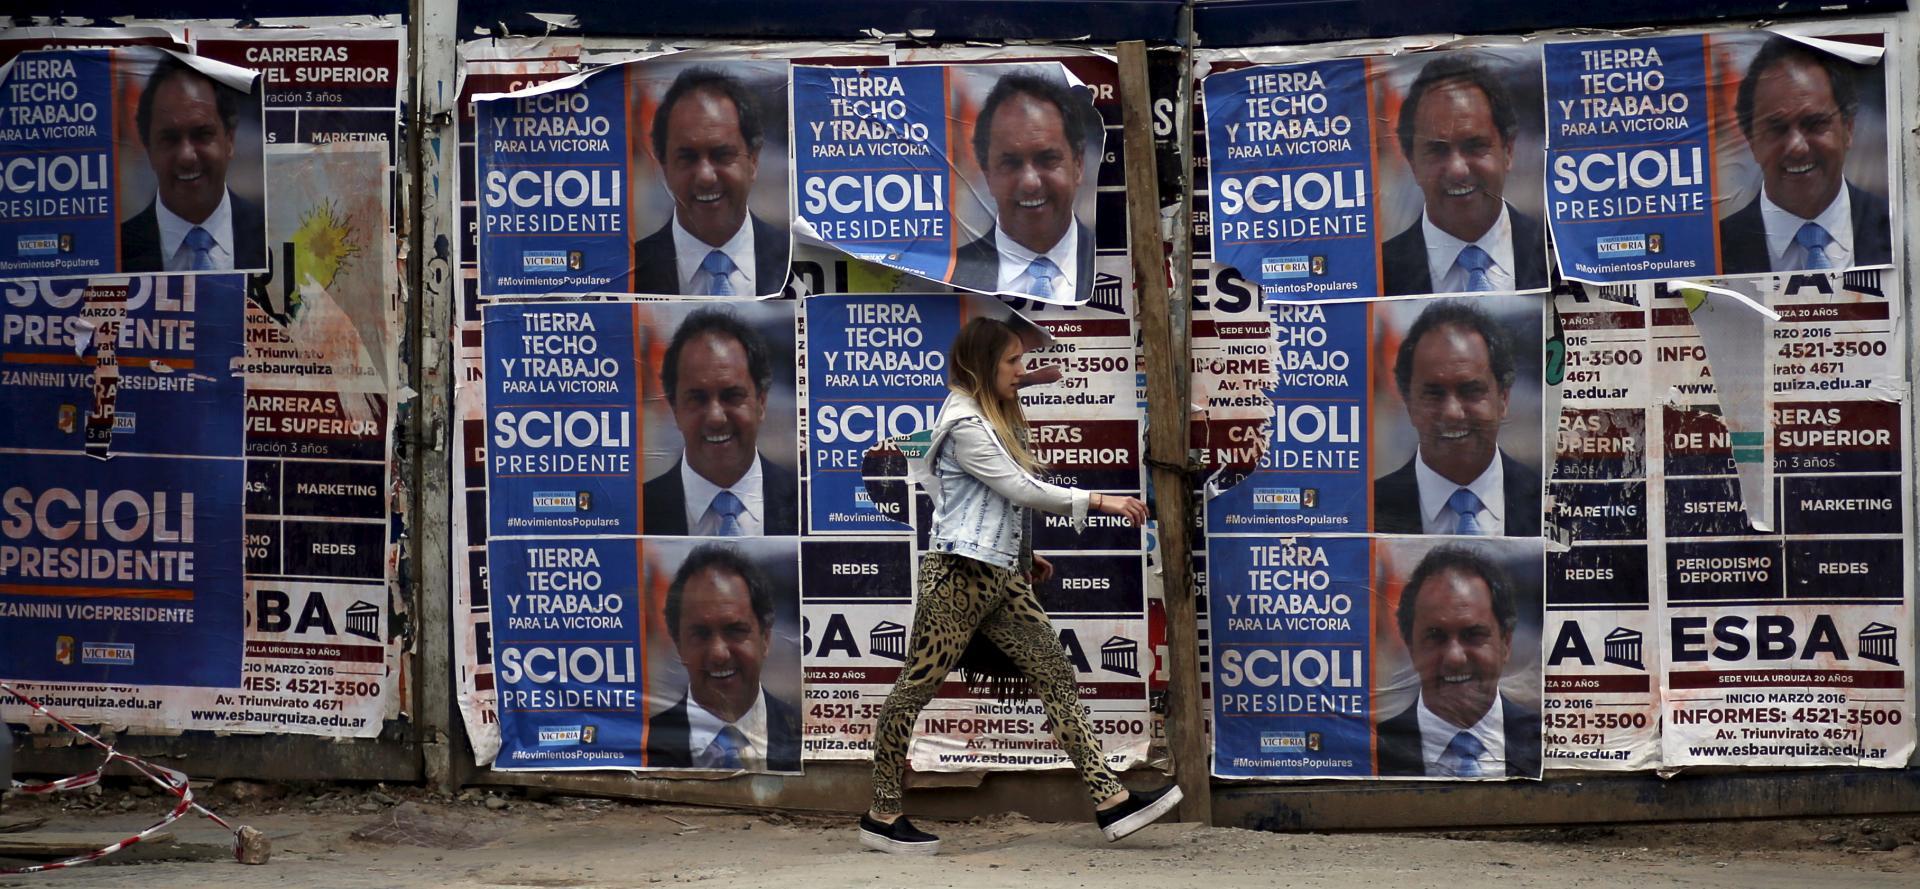 Una mujer pasa ante carteles electorales de Daniel Scioli en Buenos Aires. Marcos Brindicci. Reuters